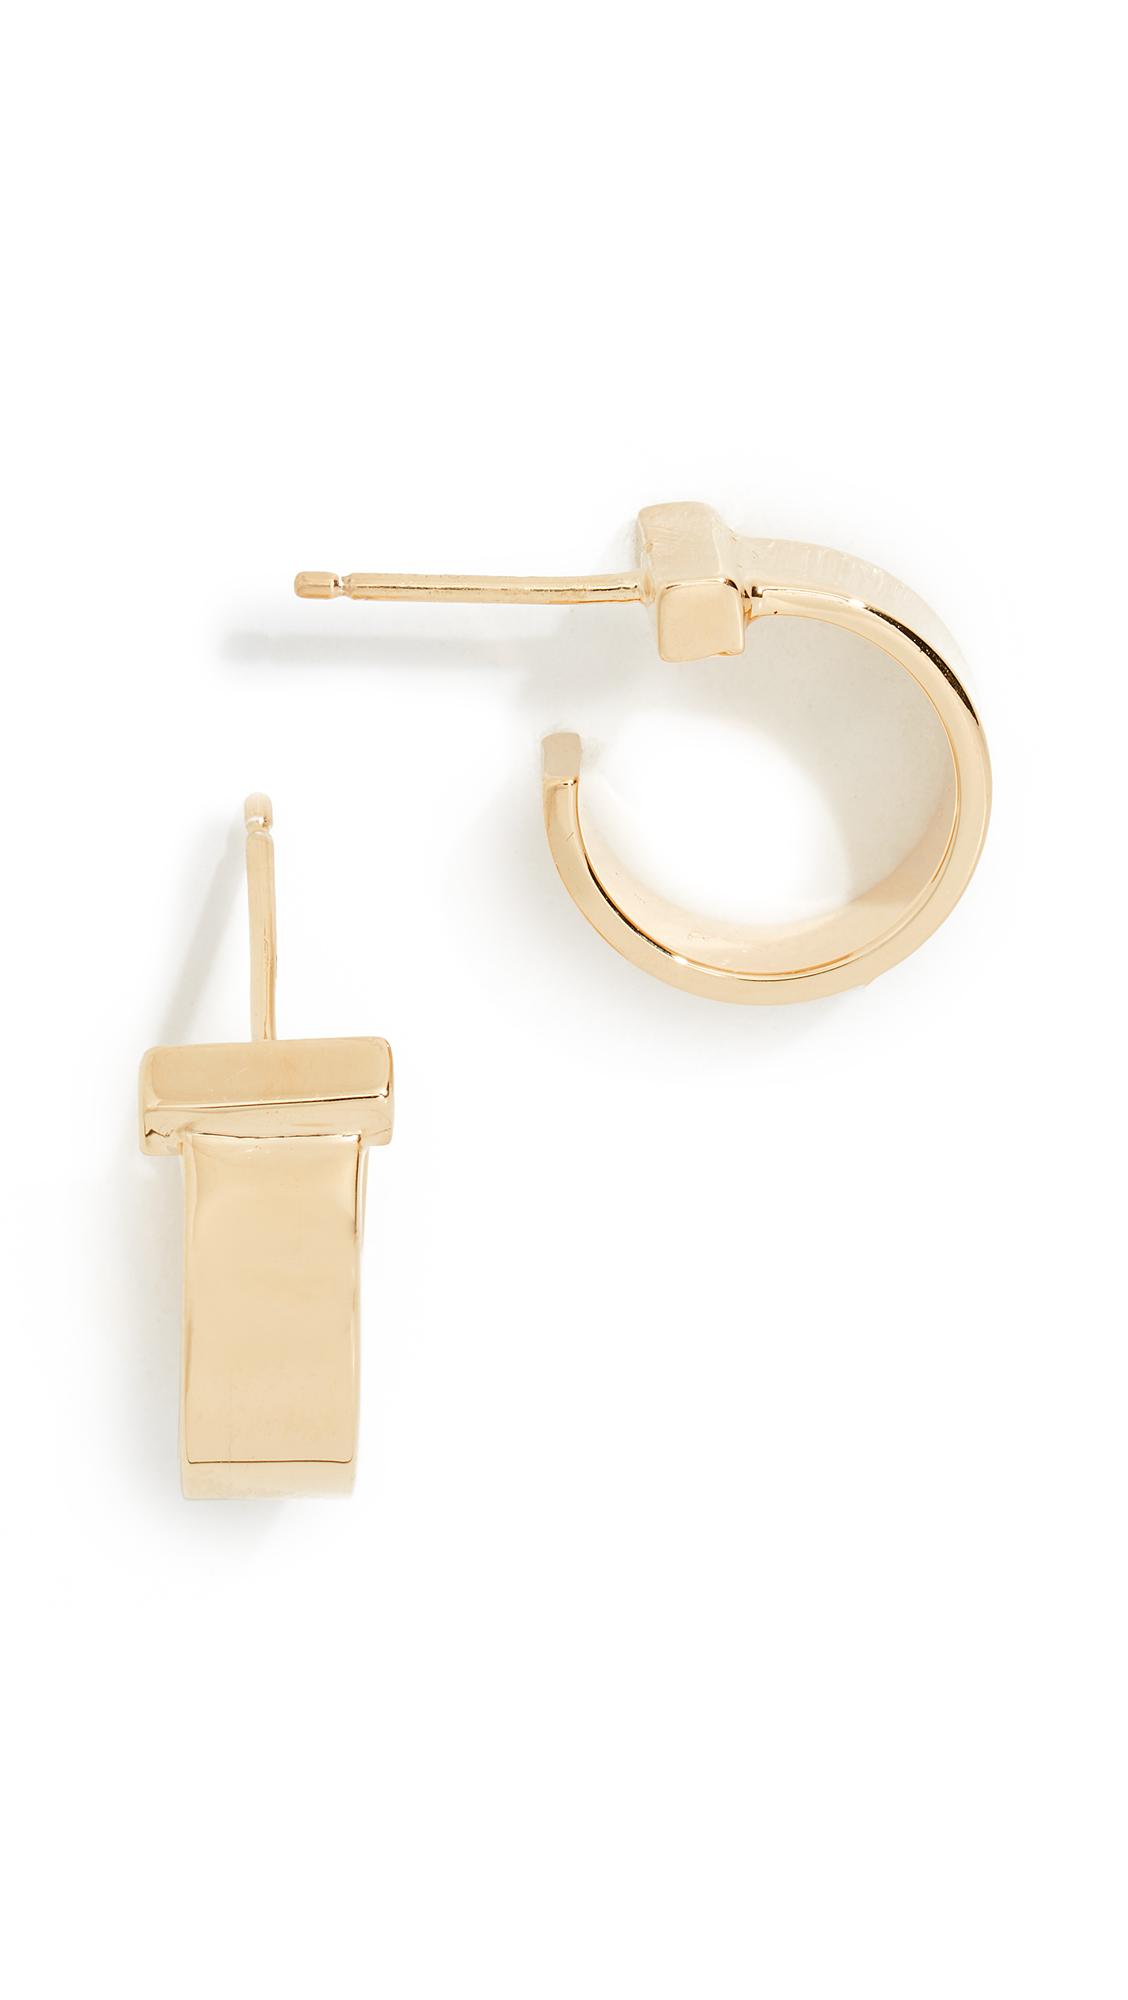 JENNIFER ZEUNER JEWELRY June Xs Earrings in Gold